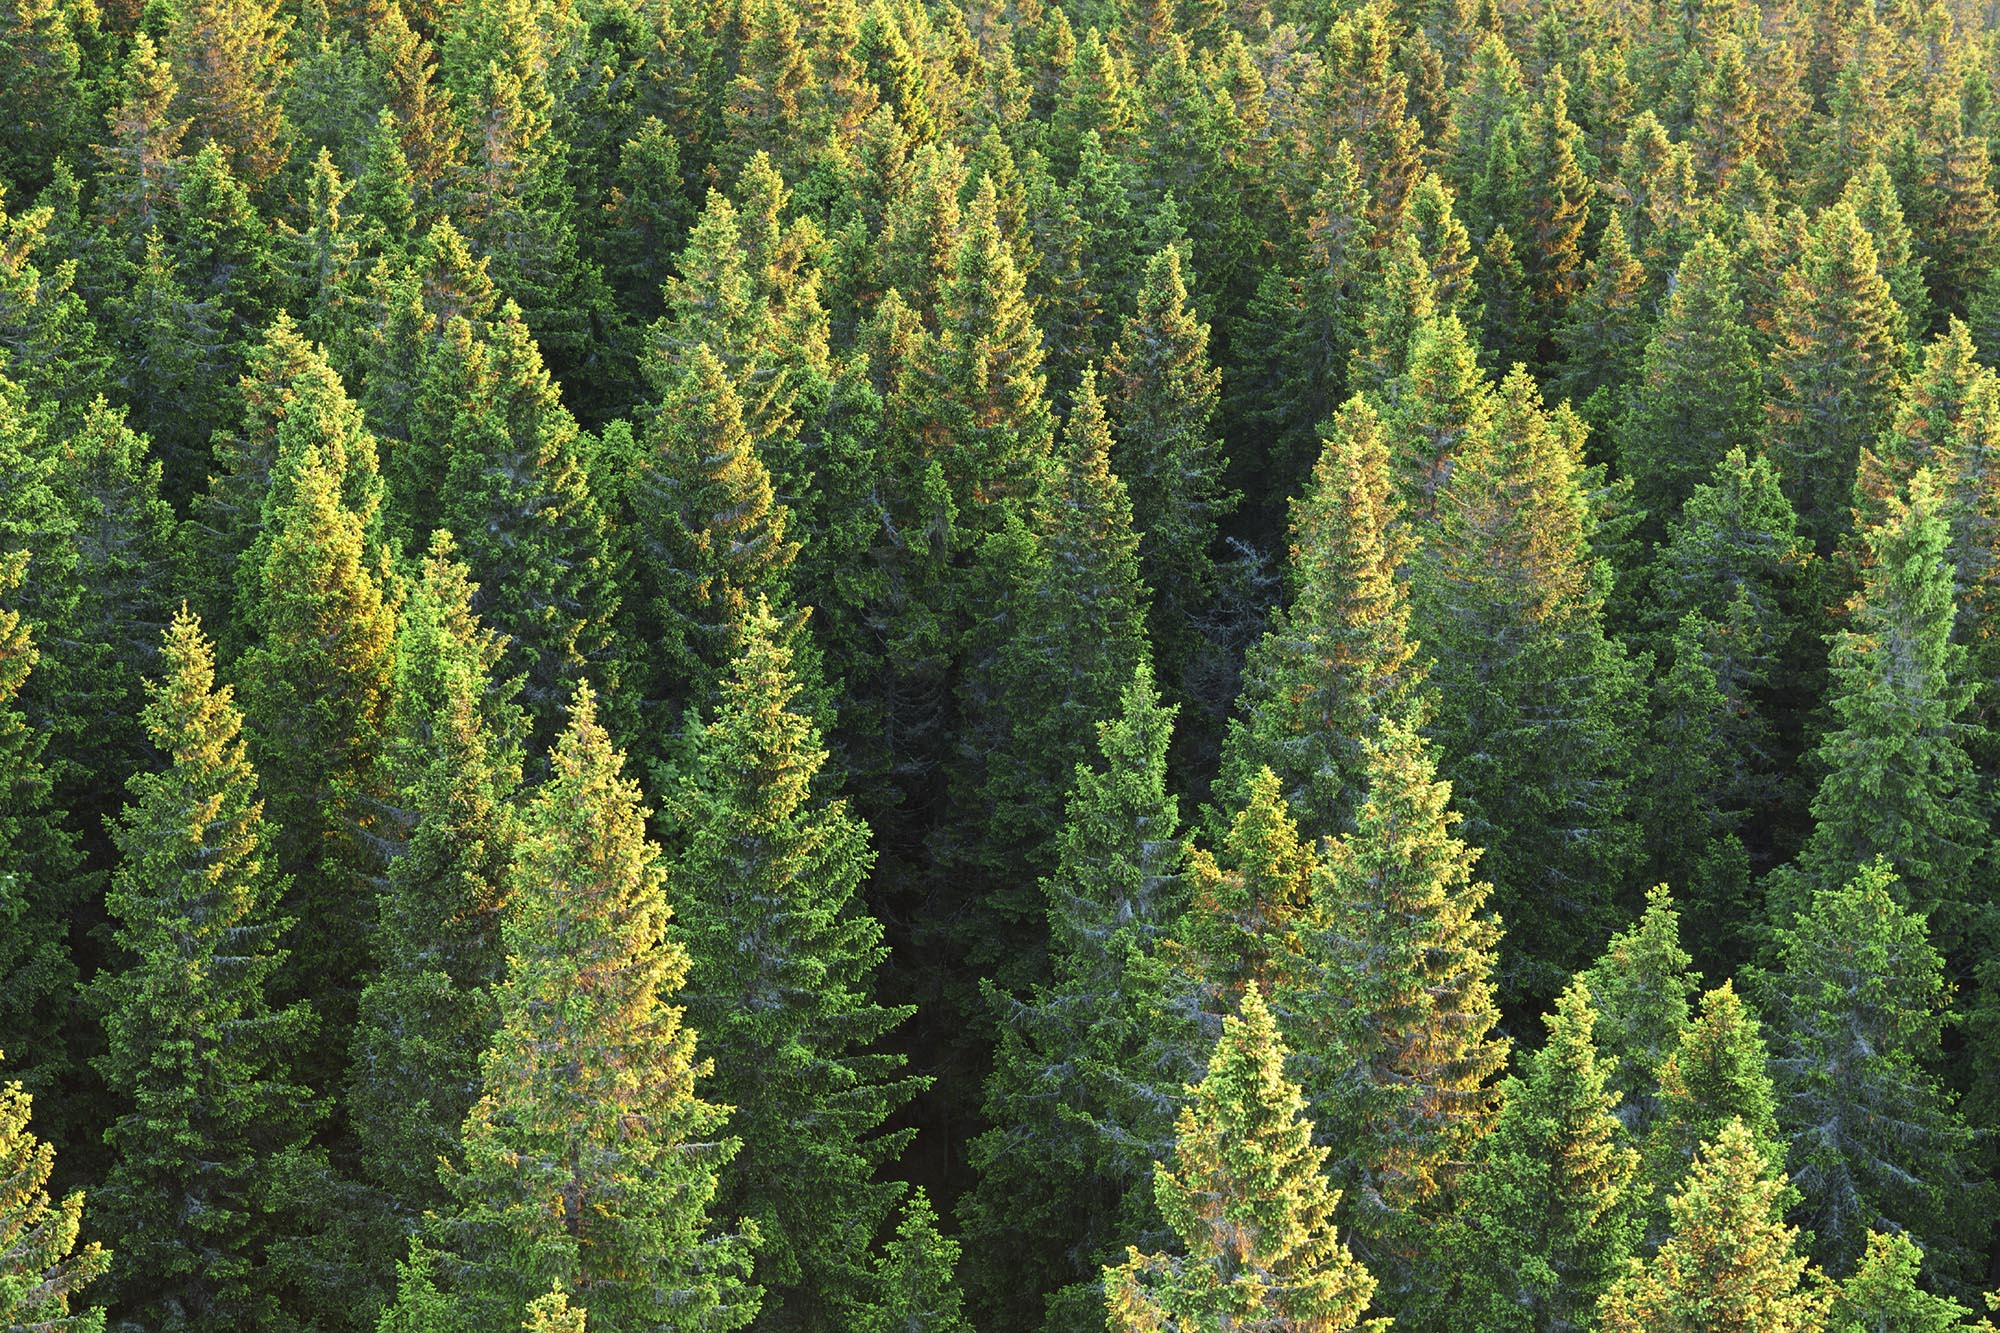 På Qvarnsjö Skogstjänster AB hjälper vi dig med skoglig skötsel. Allt från taxering, röjning, trädfällning, gallring och plantering.